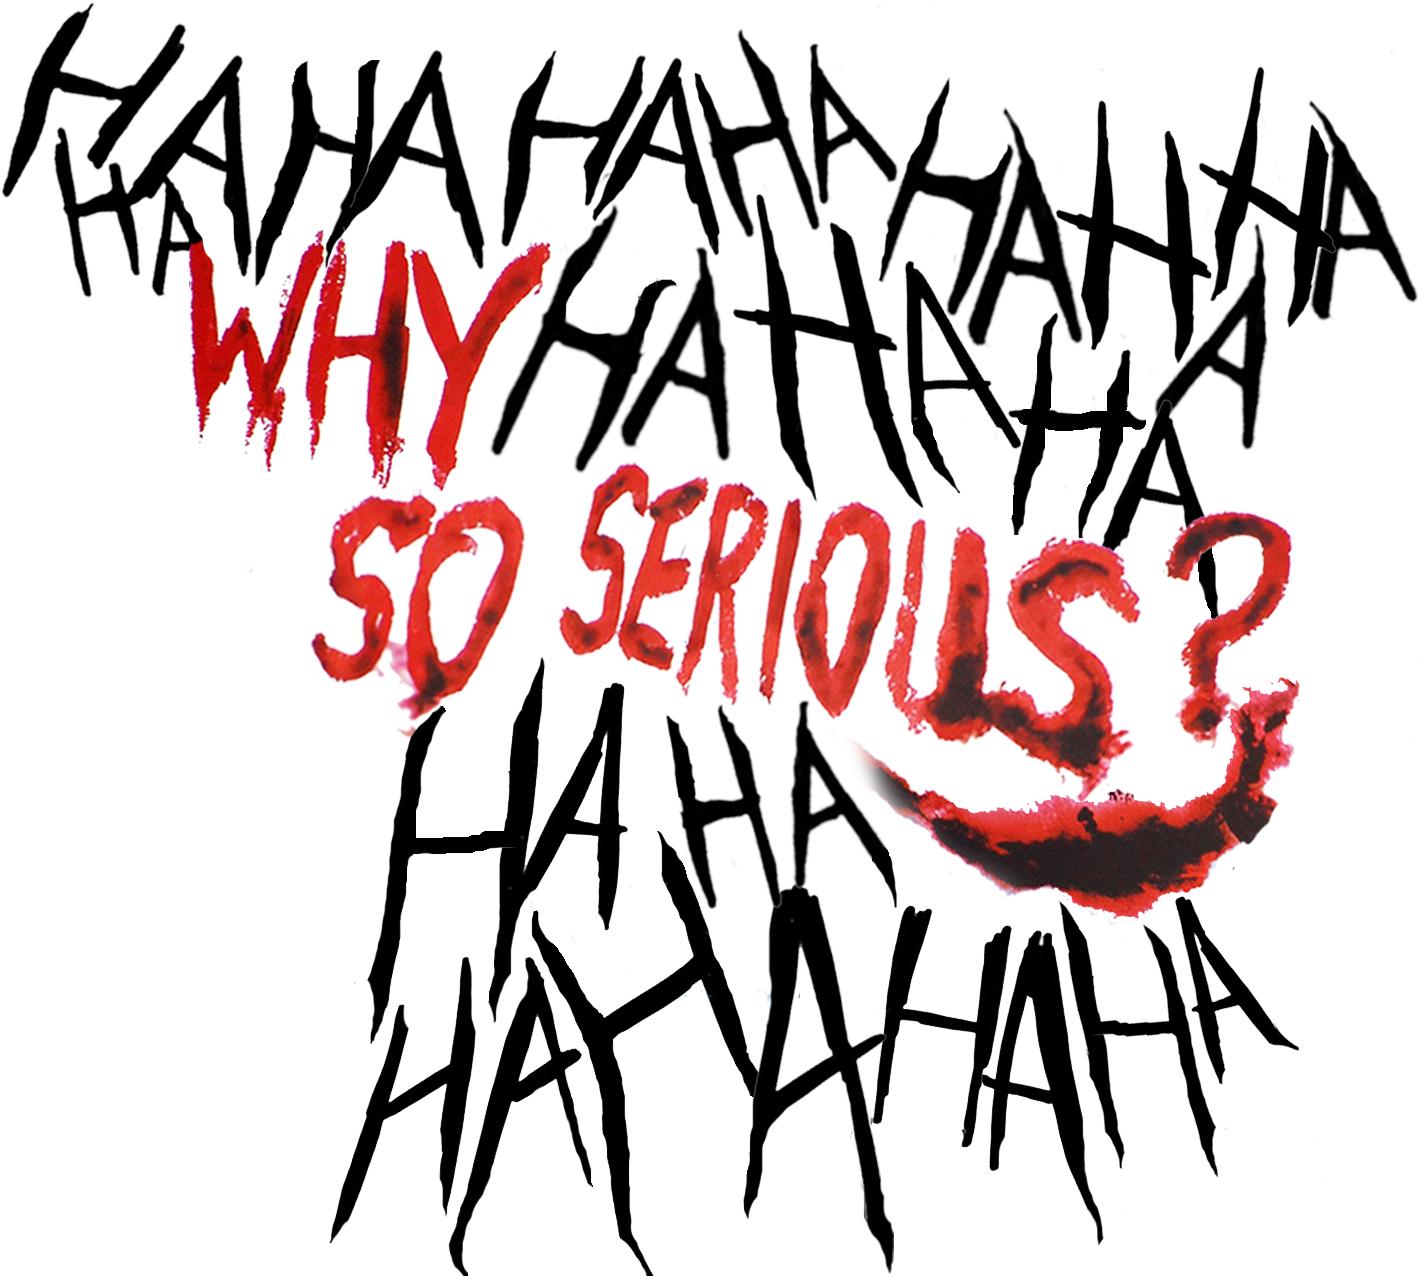 Joker Tattoo Jared Letto Heath Ledger Joker Tattoo Joker Tattoo Design Joker Smile Tattoo